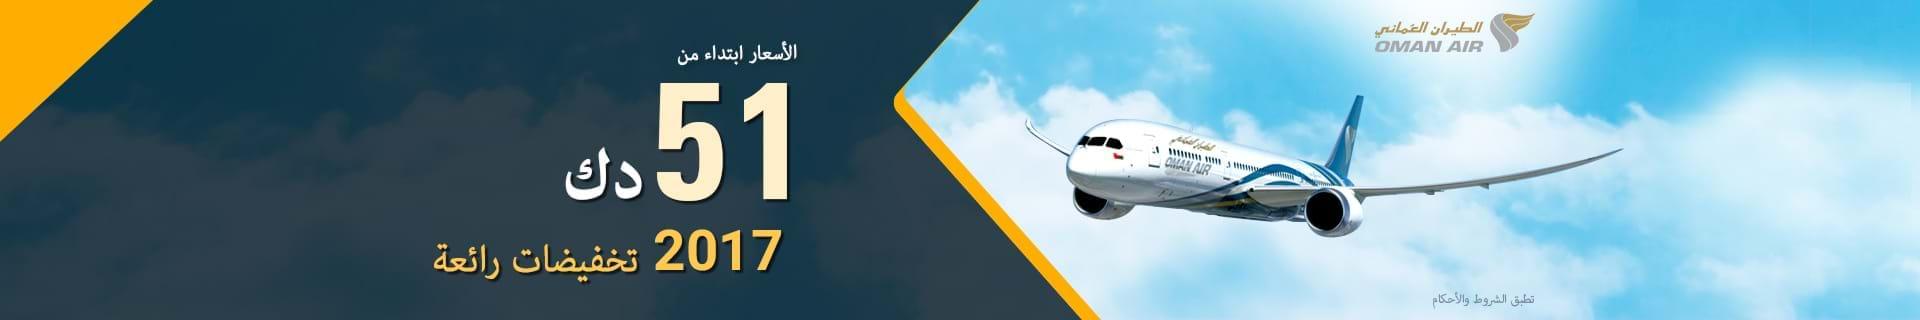 إحجز قبل 31 مارس 2017 واحصل على أرخص الأسعار إلى مومباي وجاكرتا والوجهات الأخرى